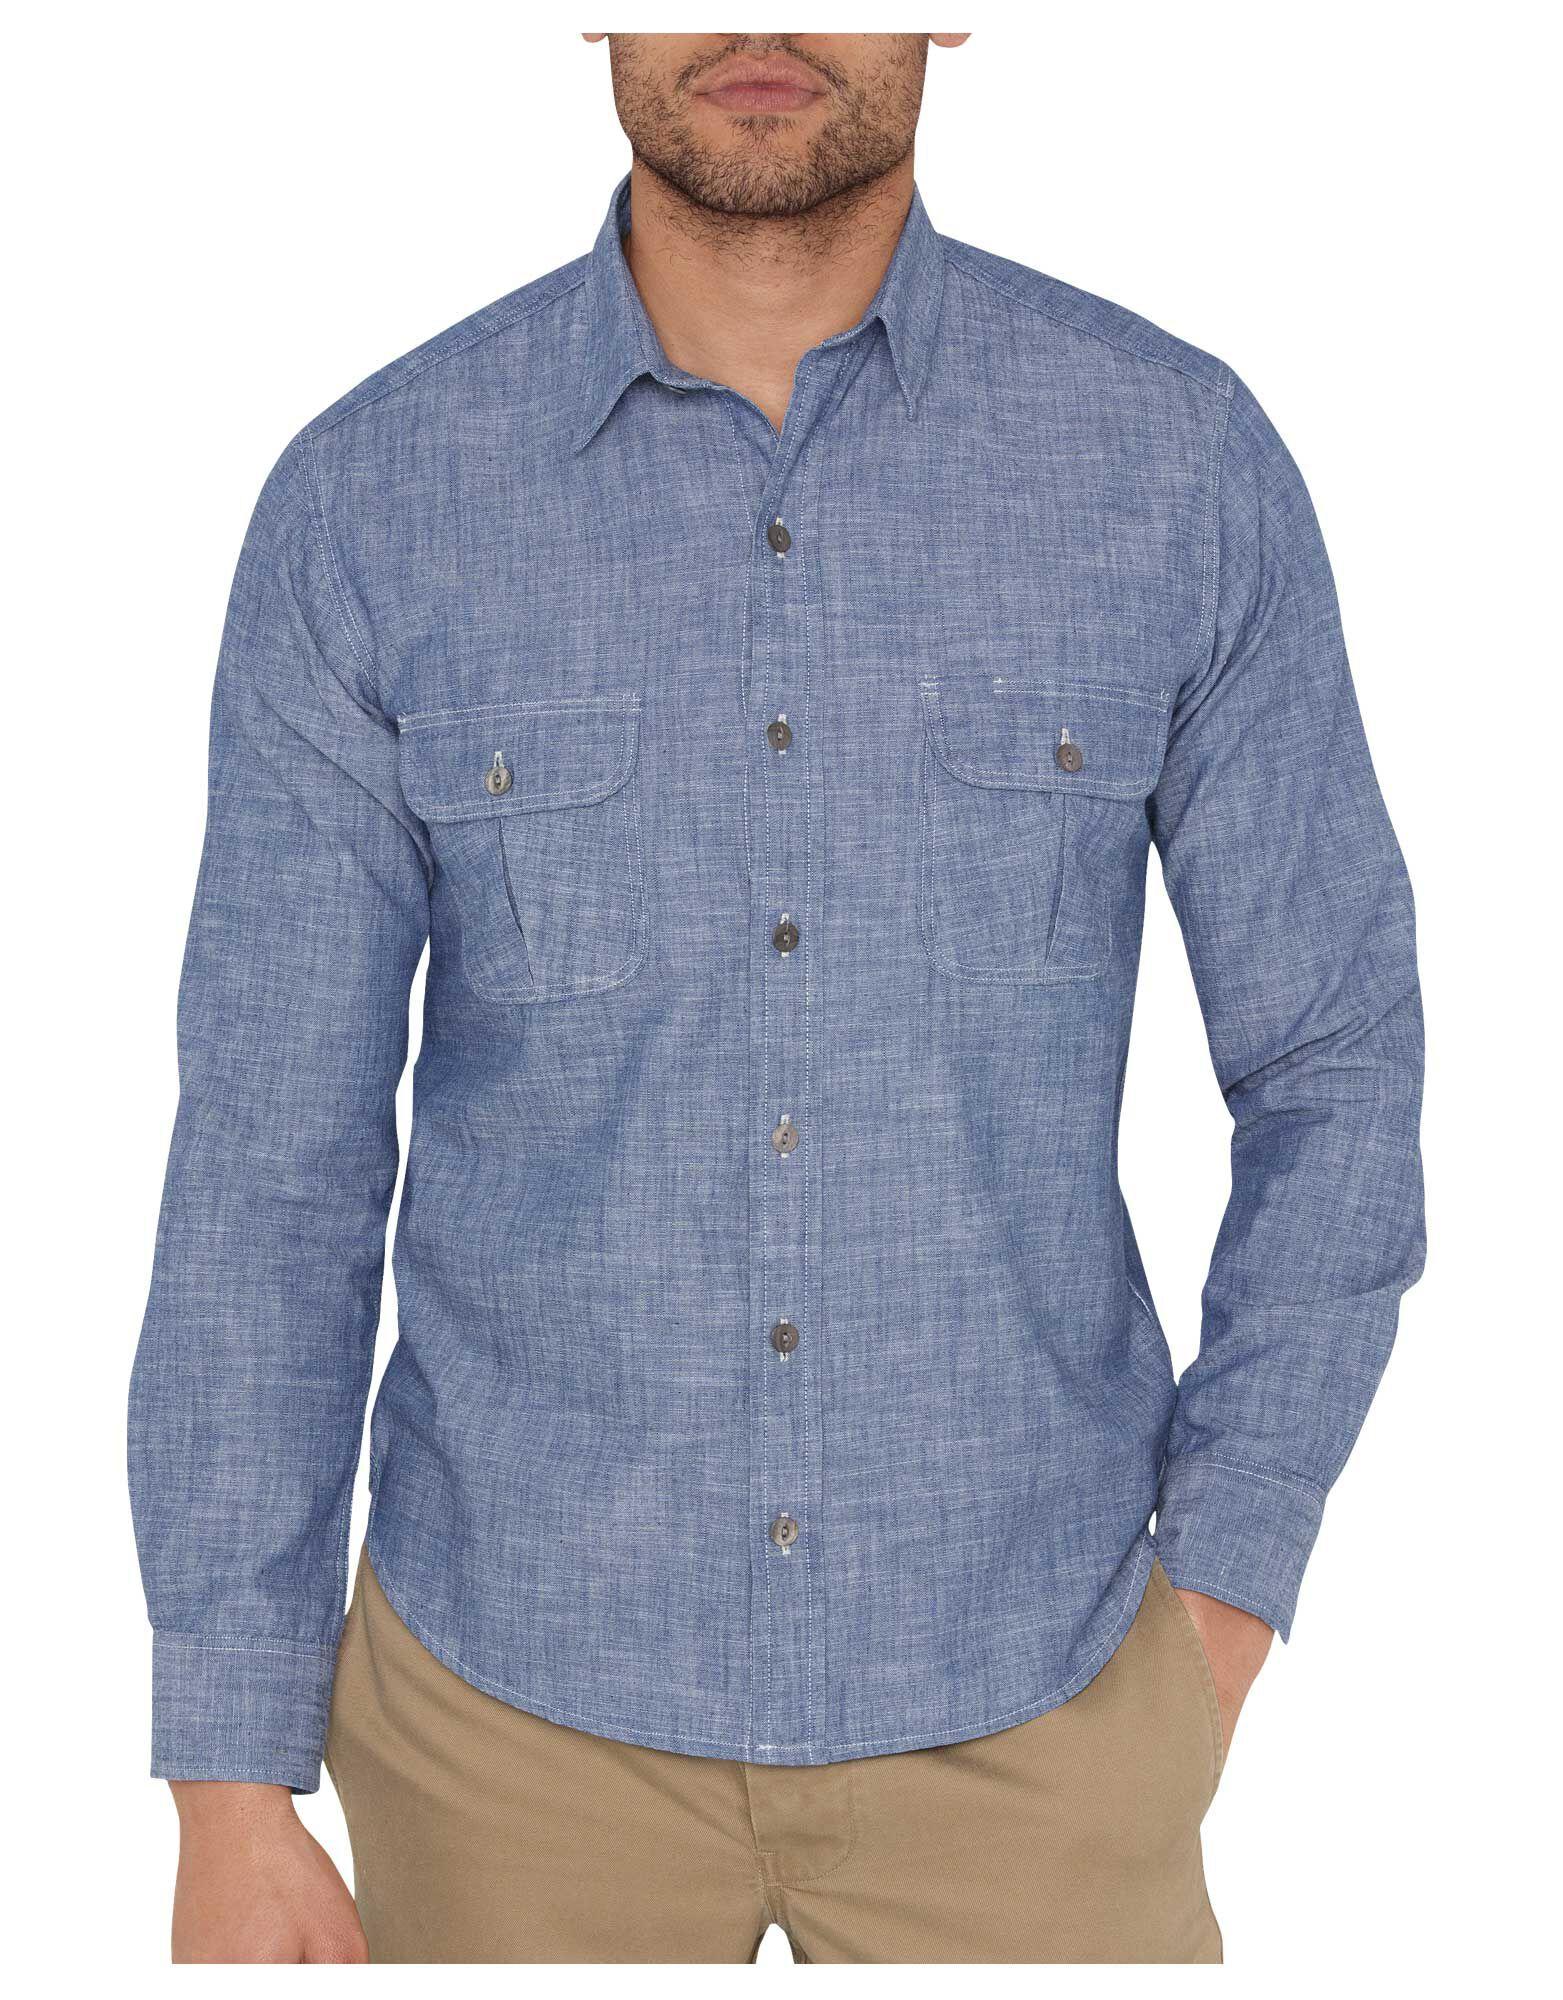 Dickies 1922 Chambray Shirt | Mens Shirts